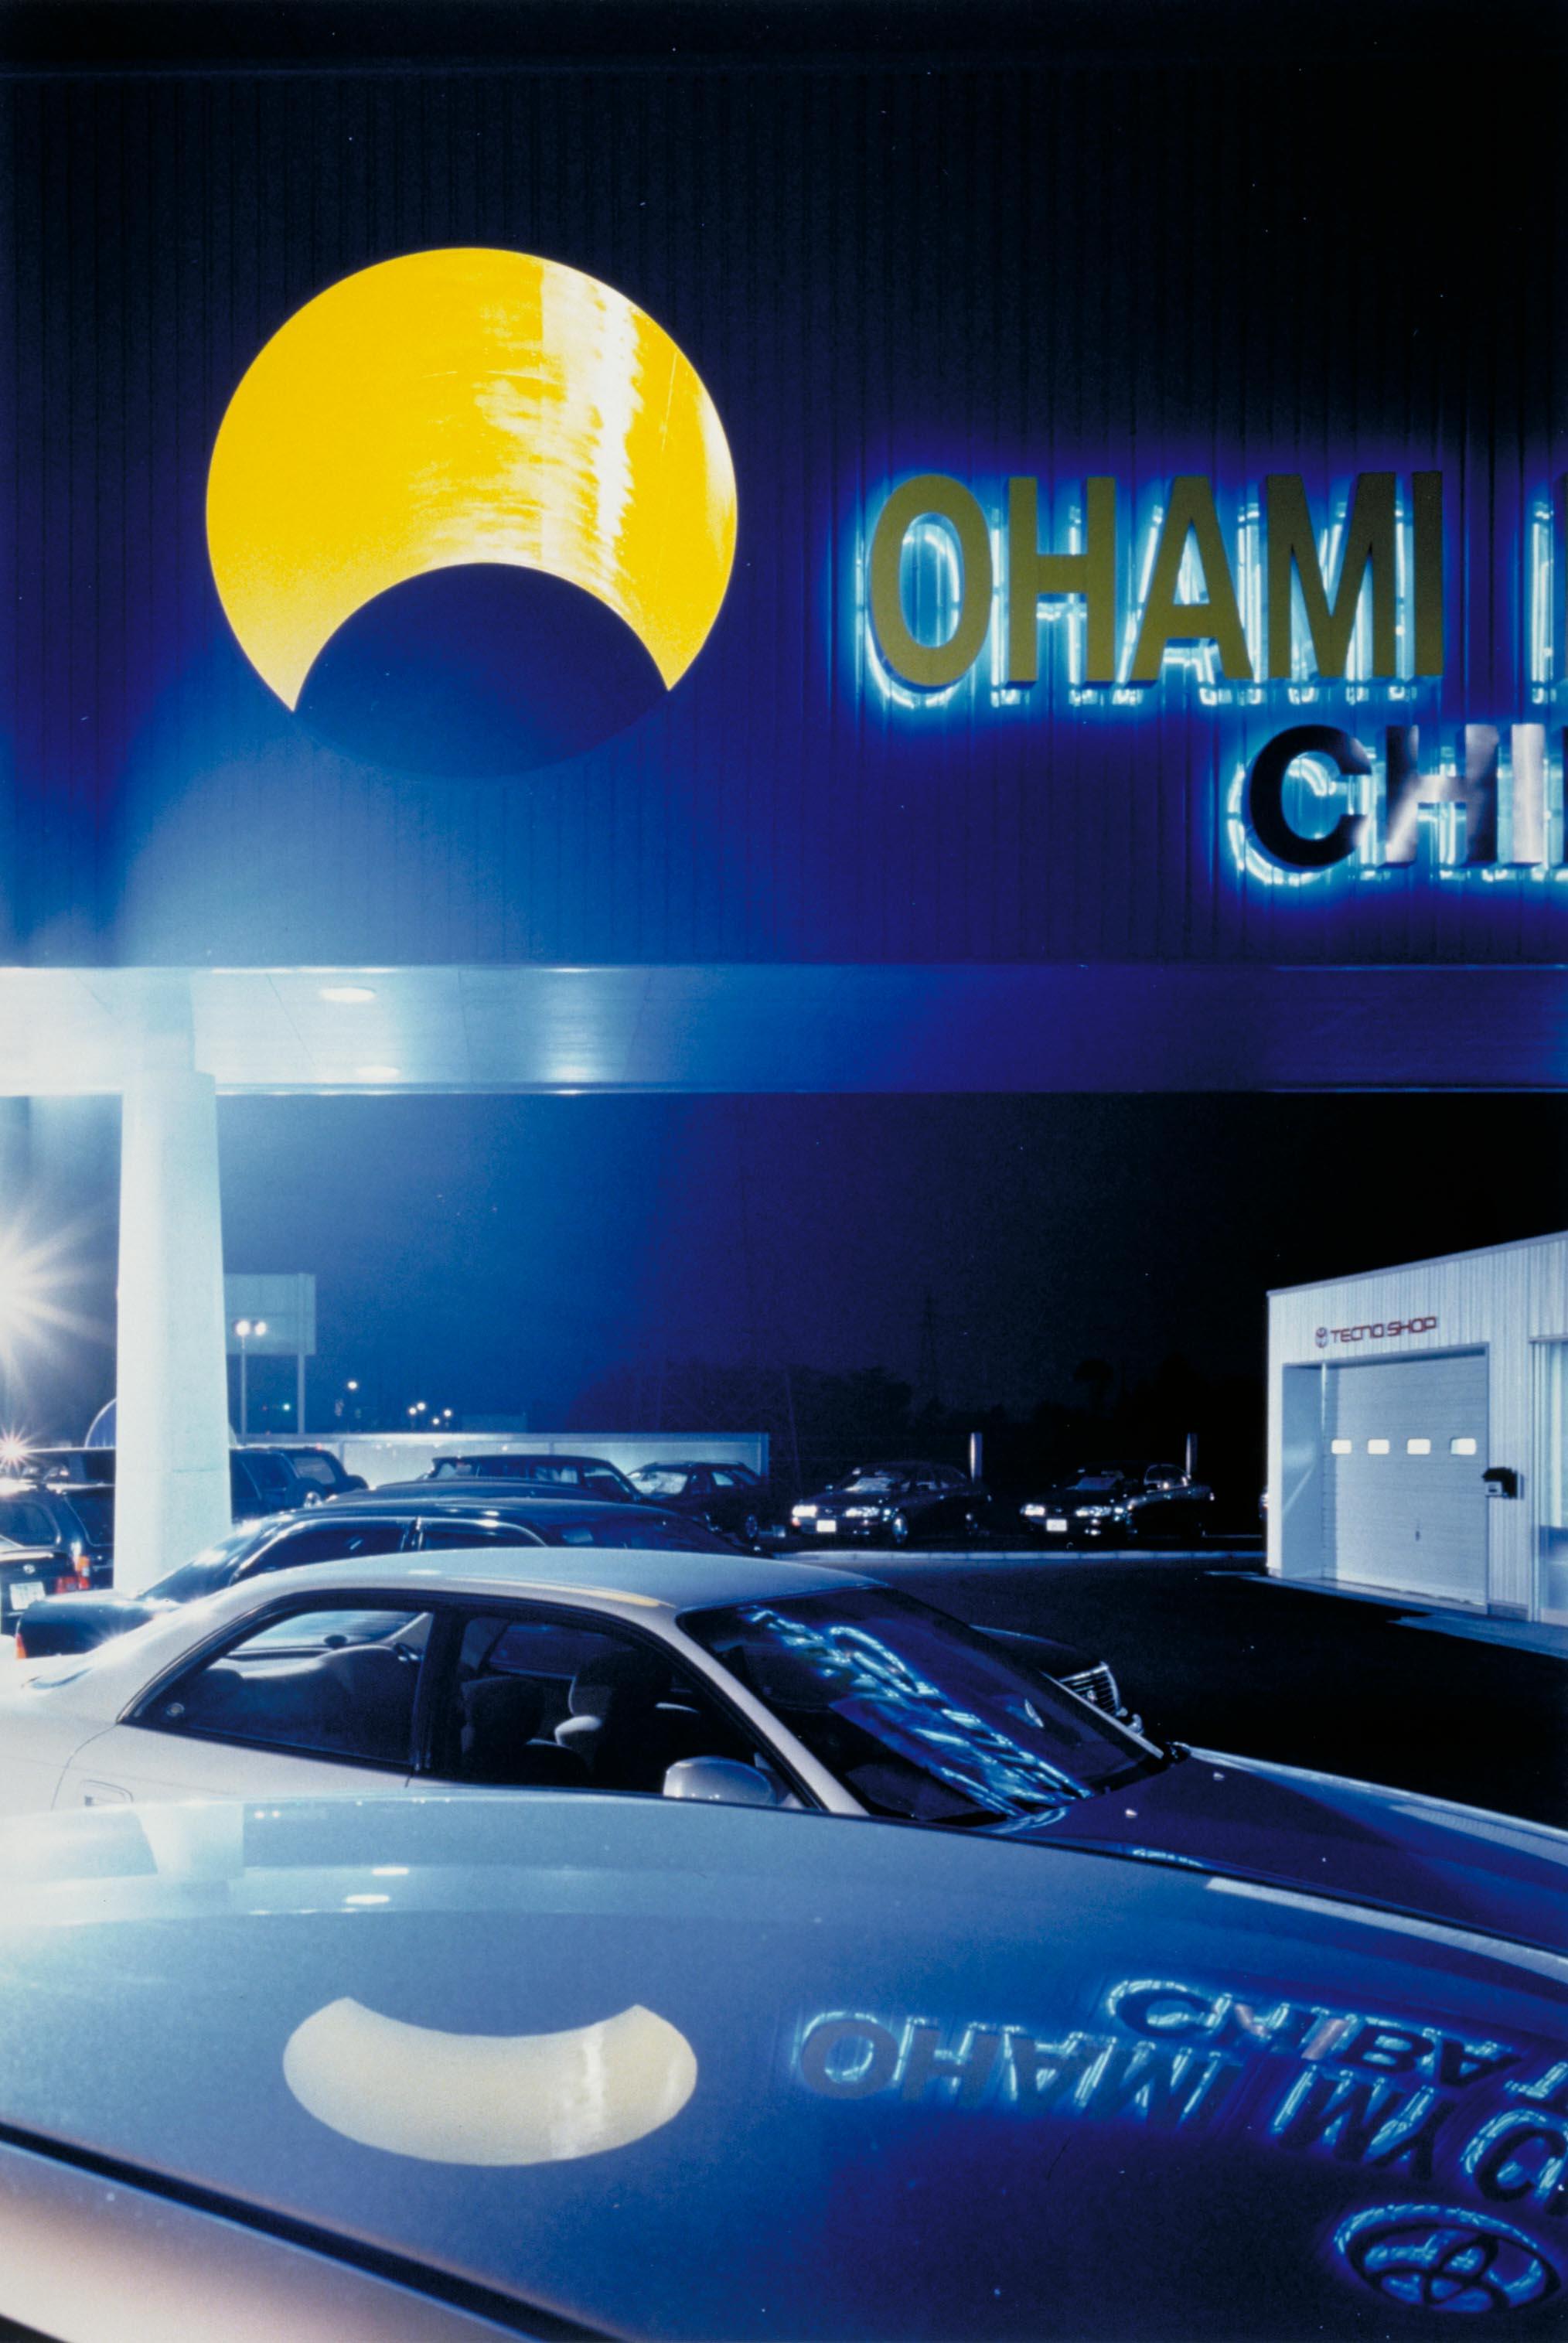 CHIBA TOYOPET OHAMI